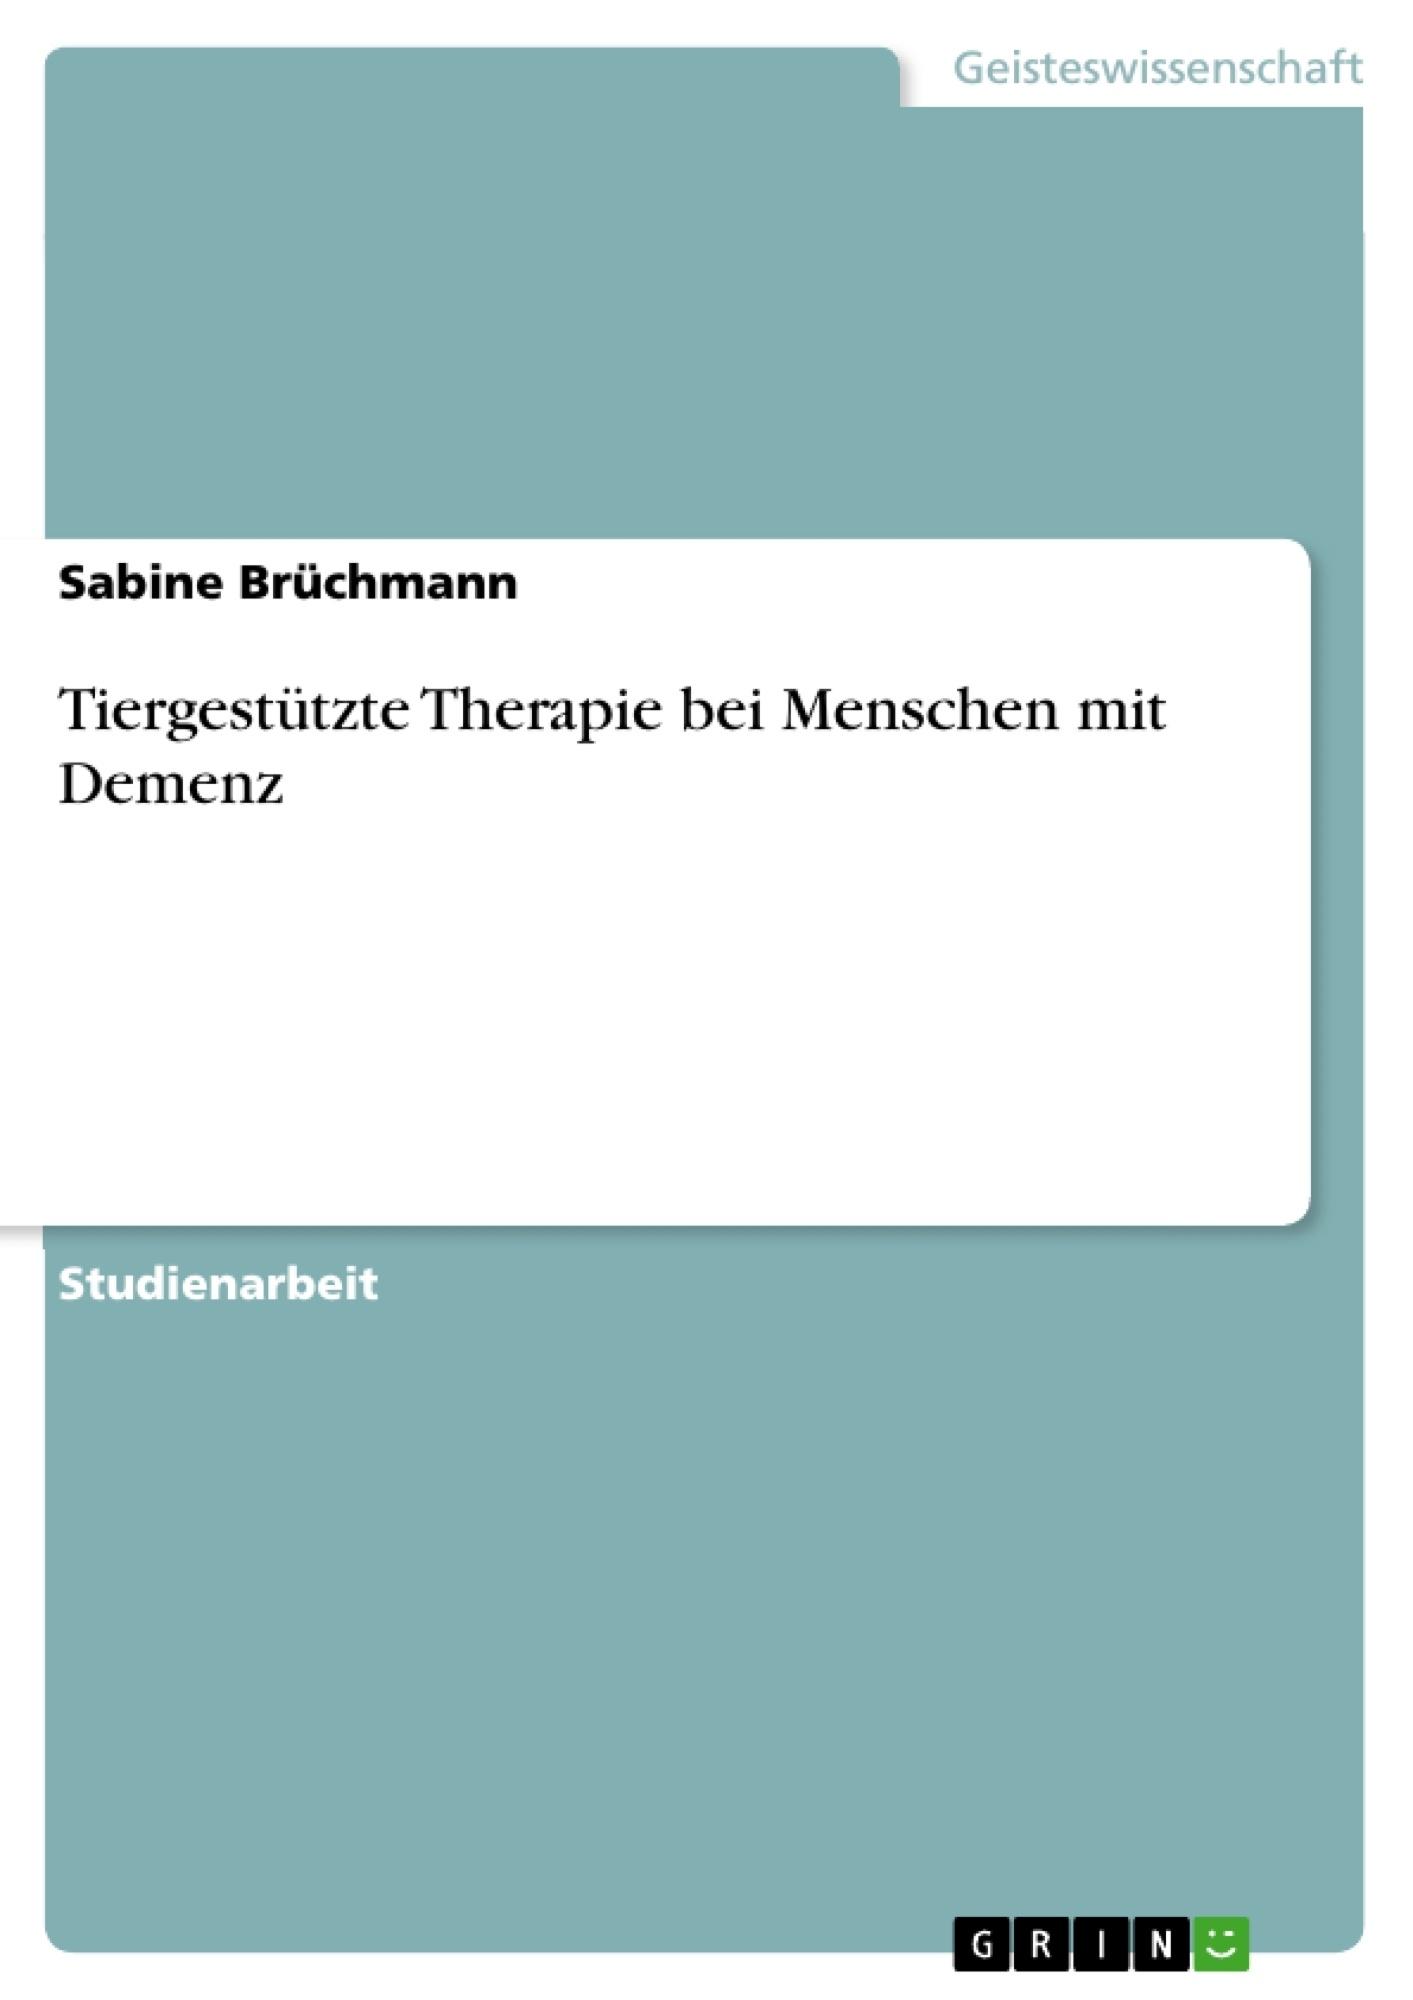 Titel: Tiergestützte Therapie bei Menschen mit Demenz